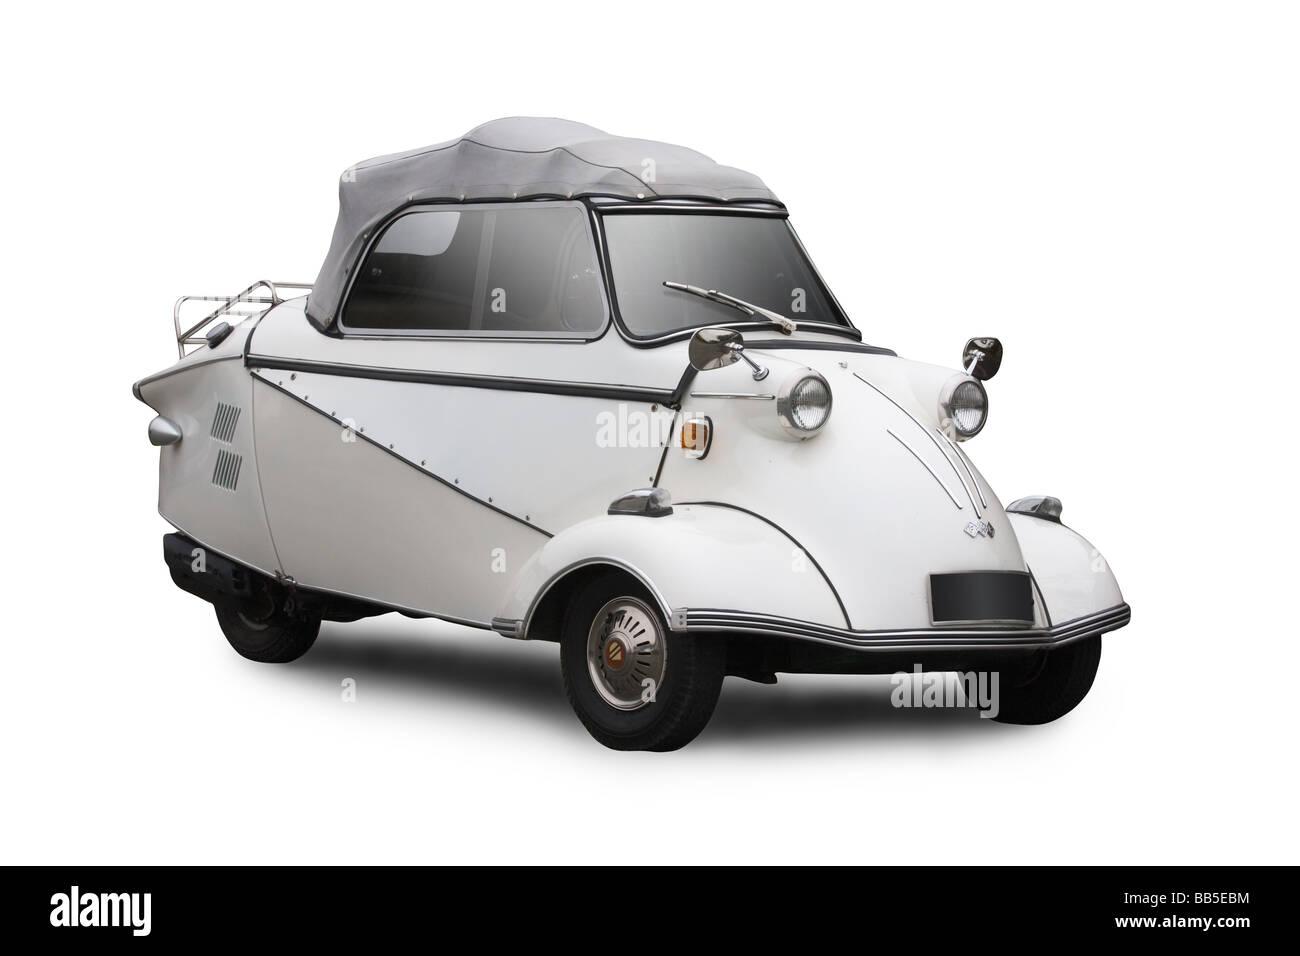 Meschersmitt KR200 bubble car - Stock Image